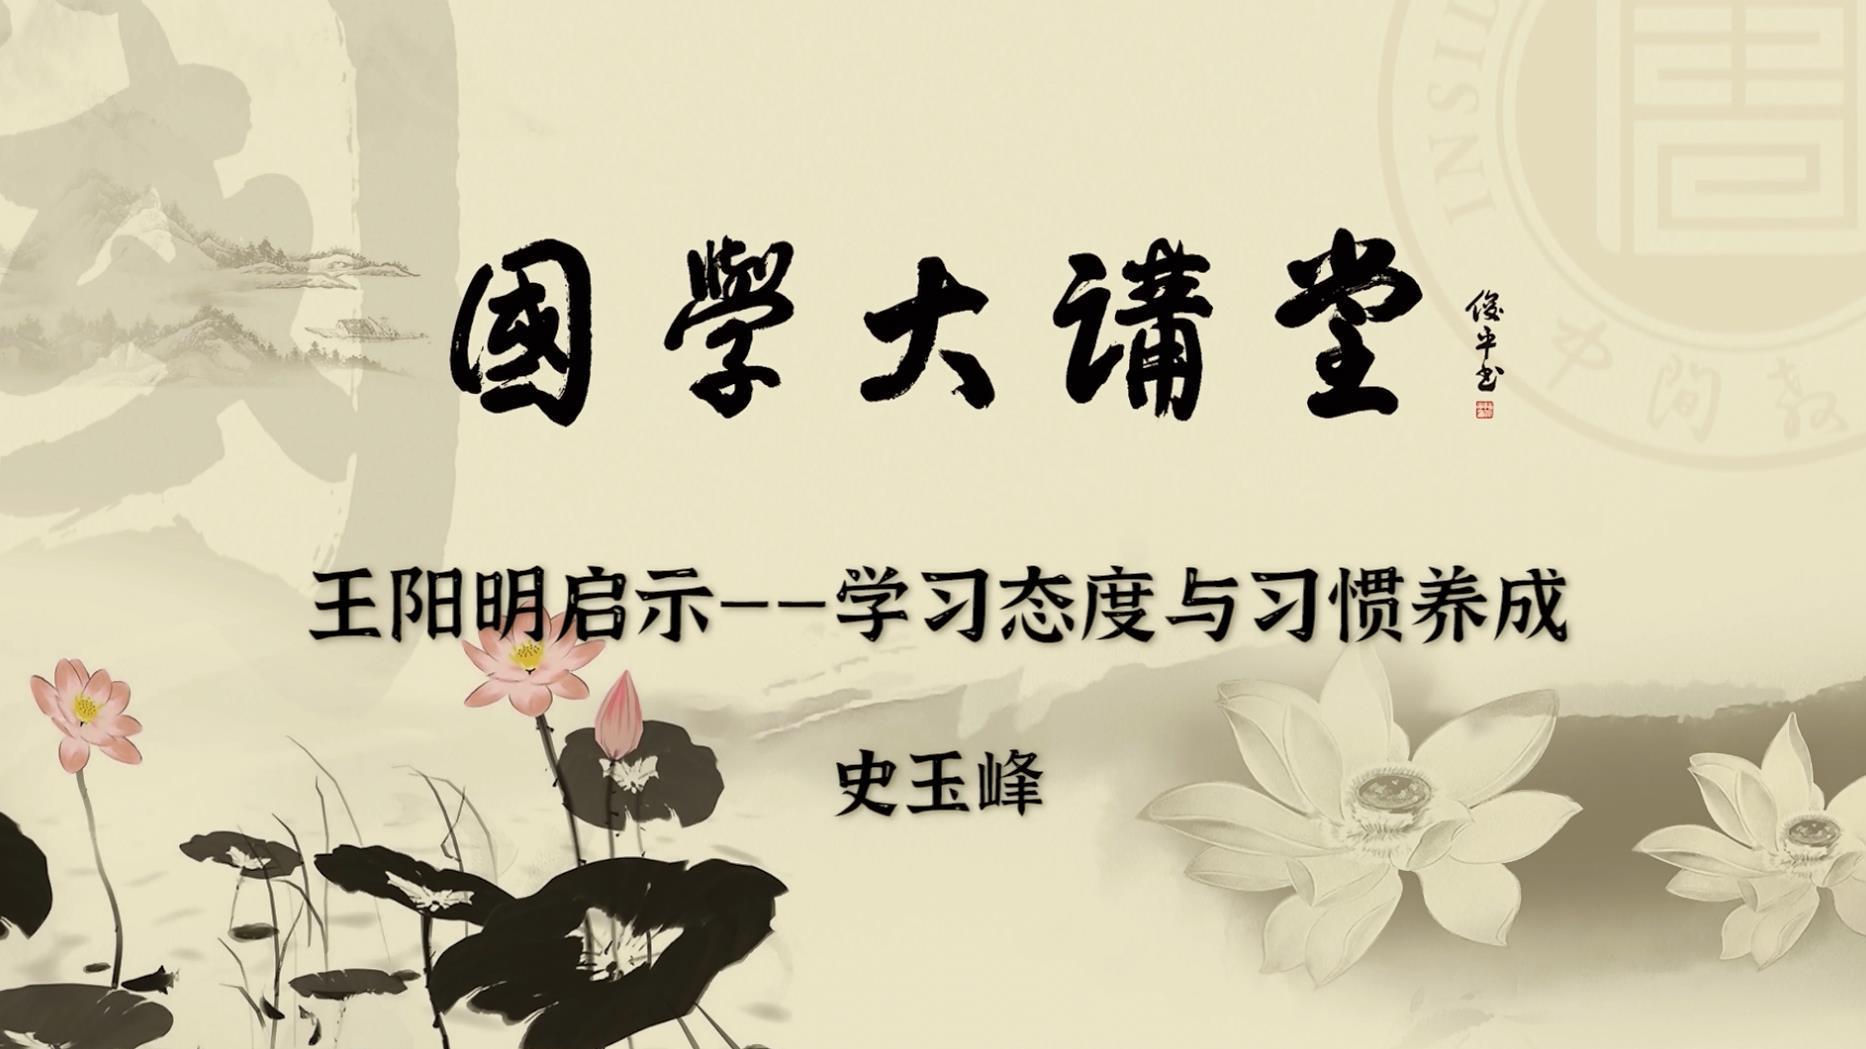 《王阳明启示——学习态度与习惯养成》